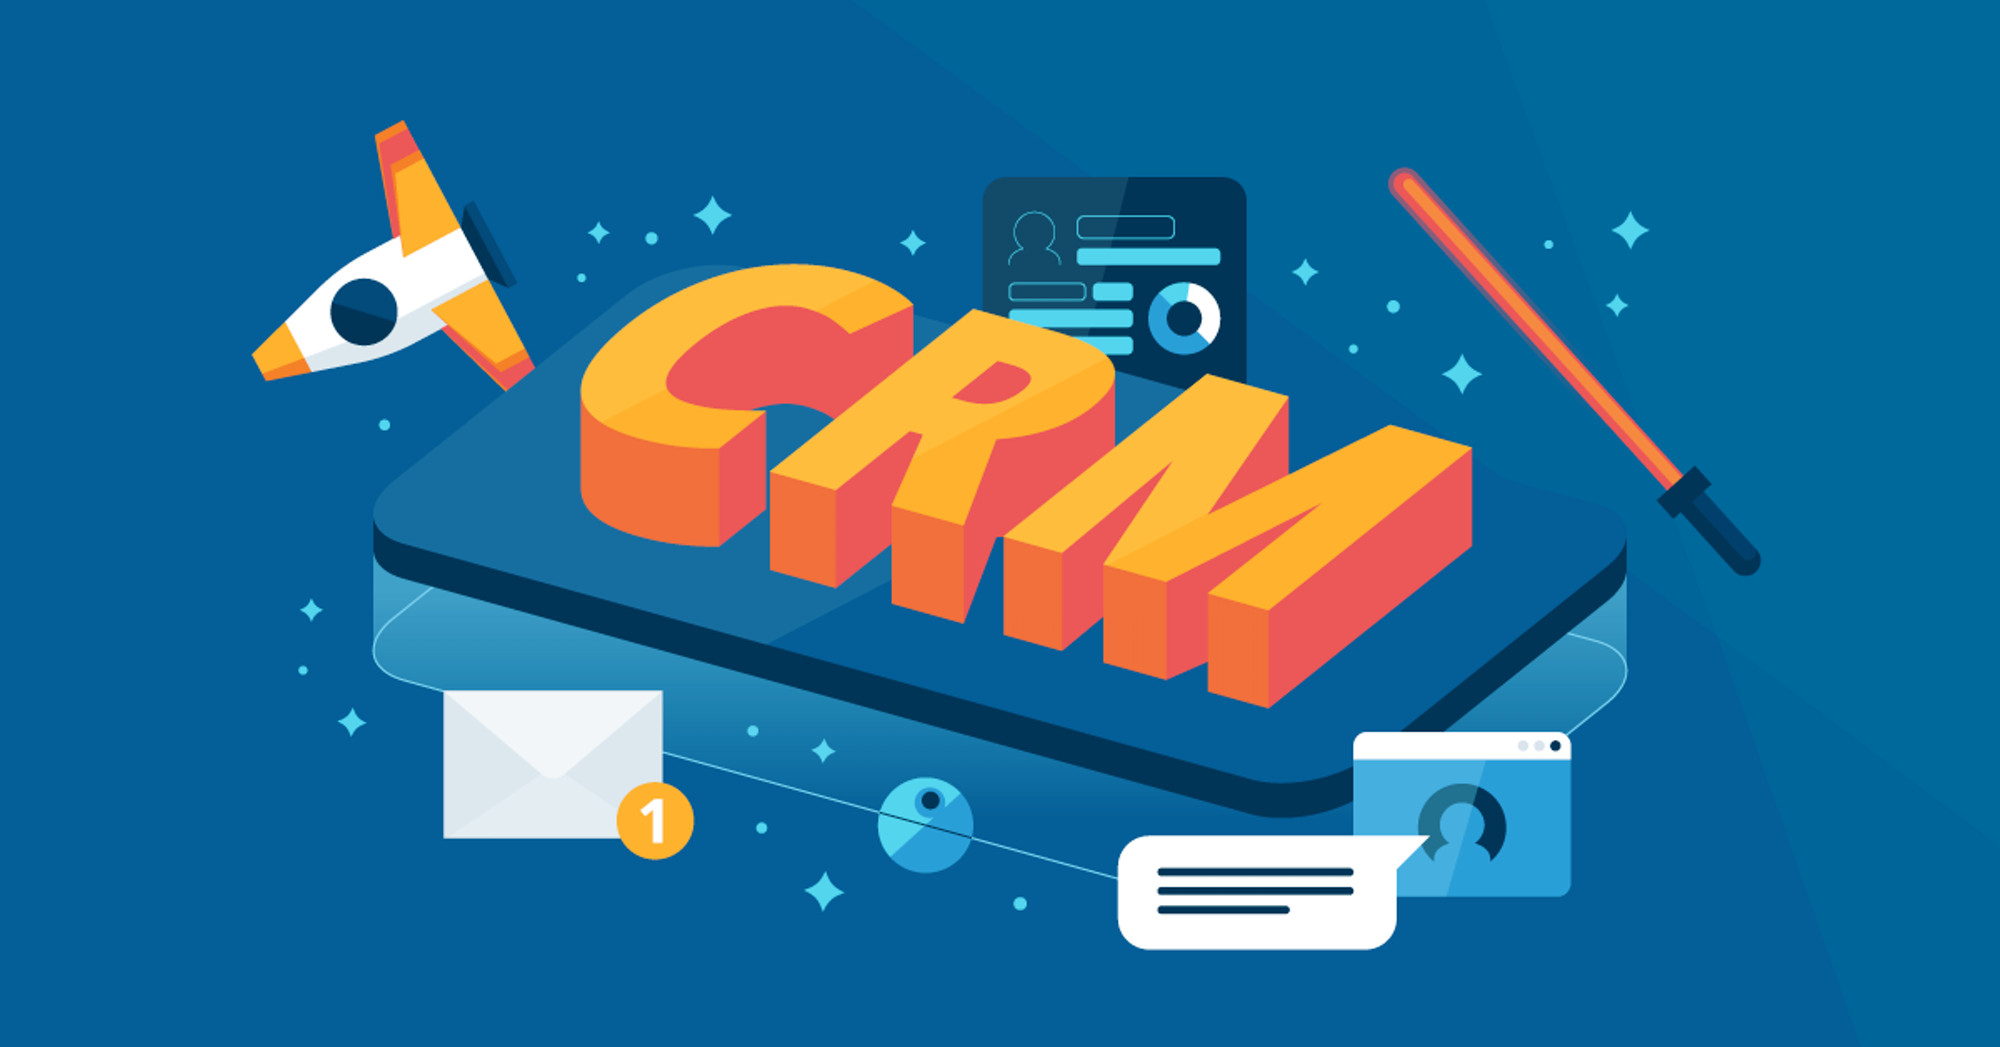 crm header image